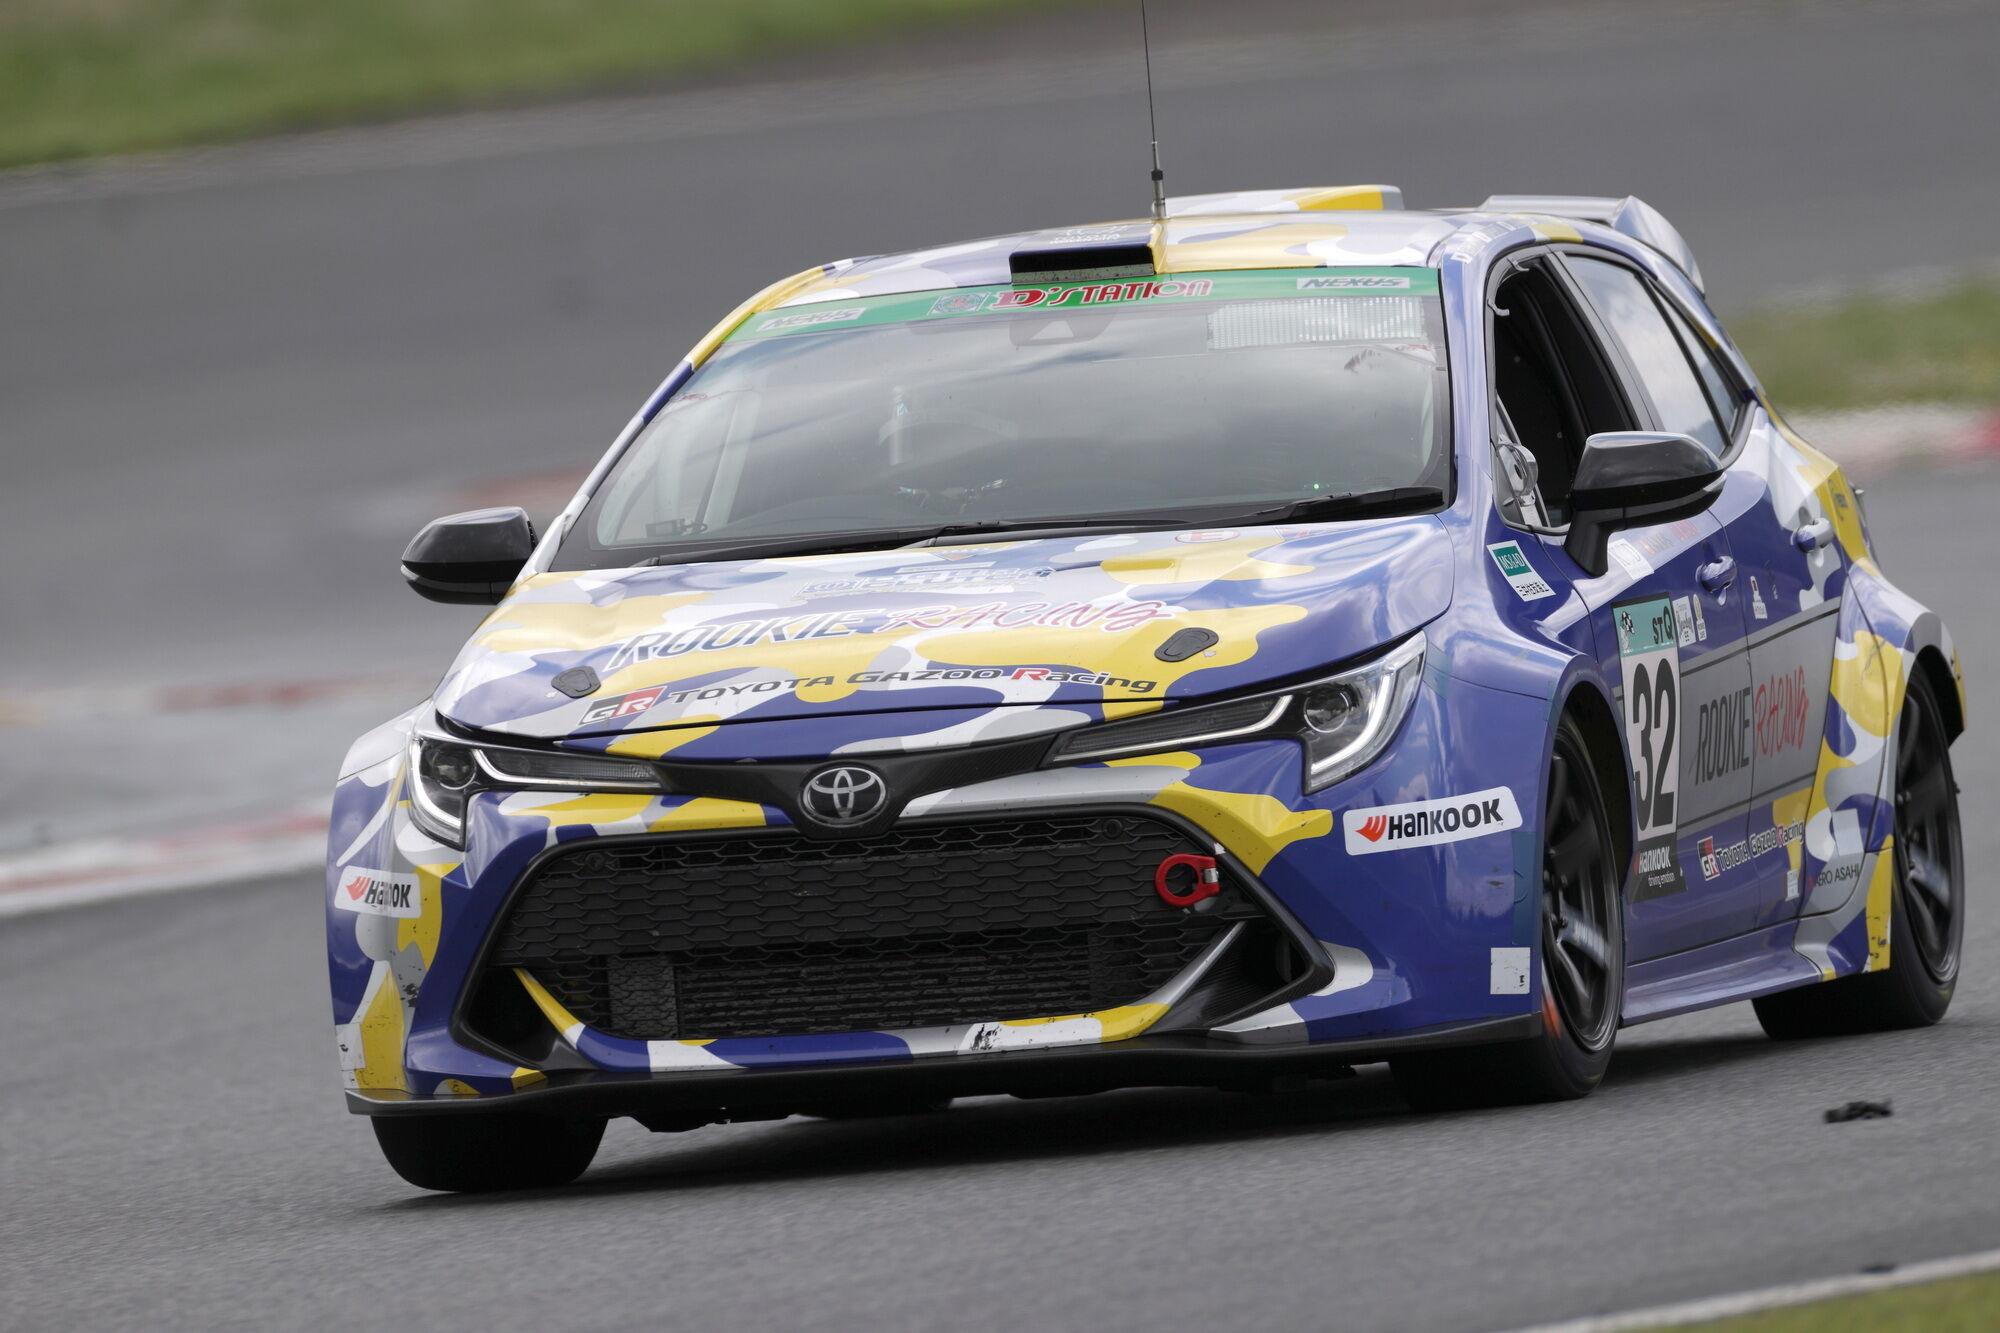 Водородная Toyota Corolla в этом году принимала участие в 24-часовых гонках Fuji SUPER TEC